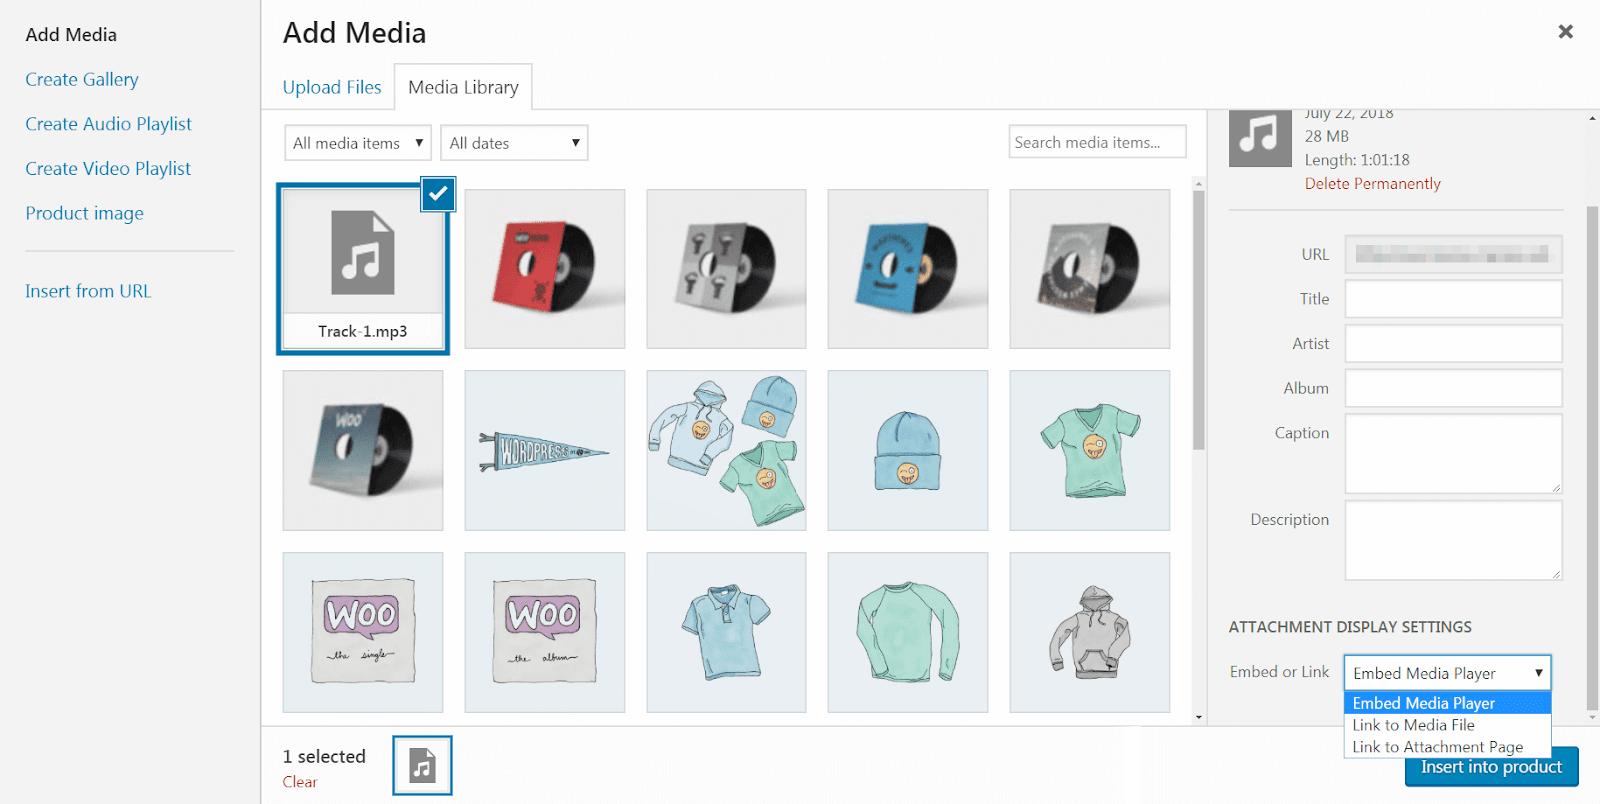 Reproductor multimedia incorporado de WooCommerce